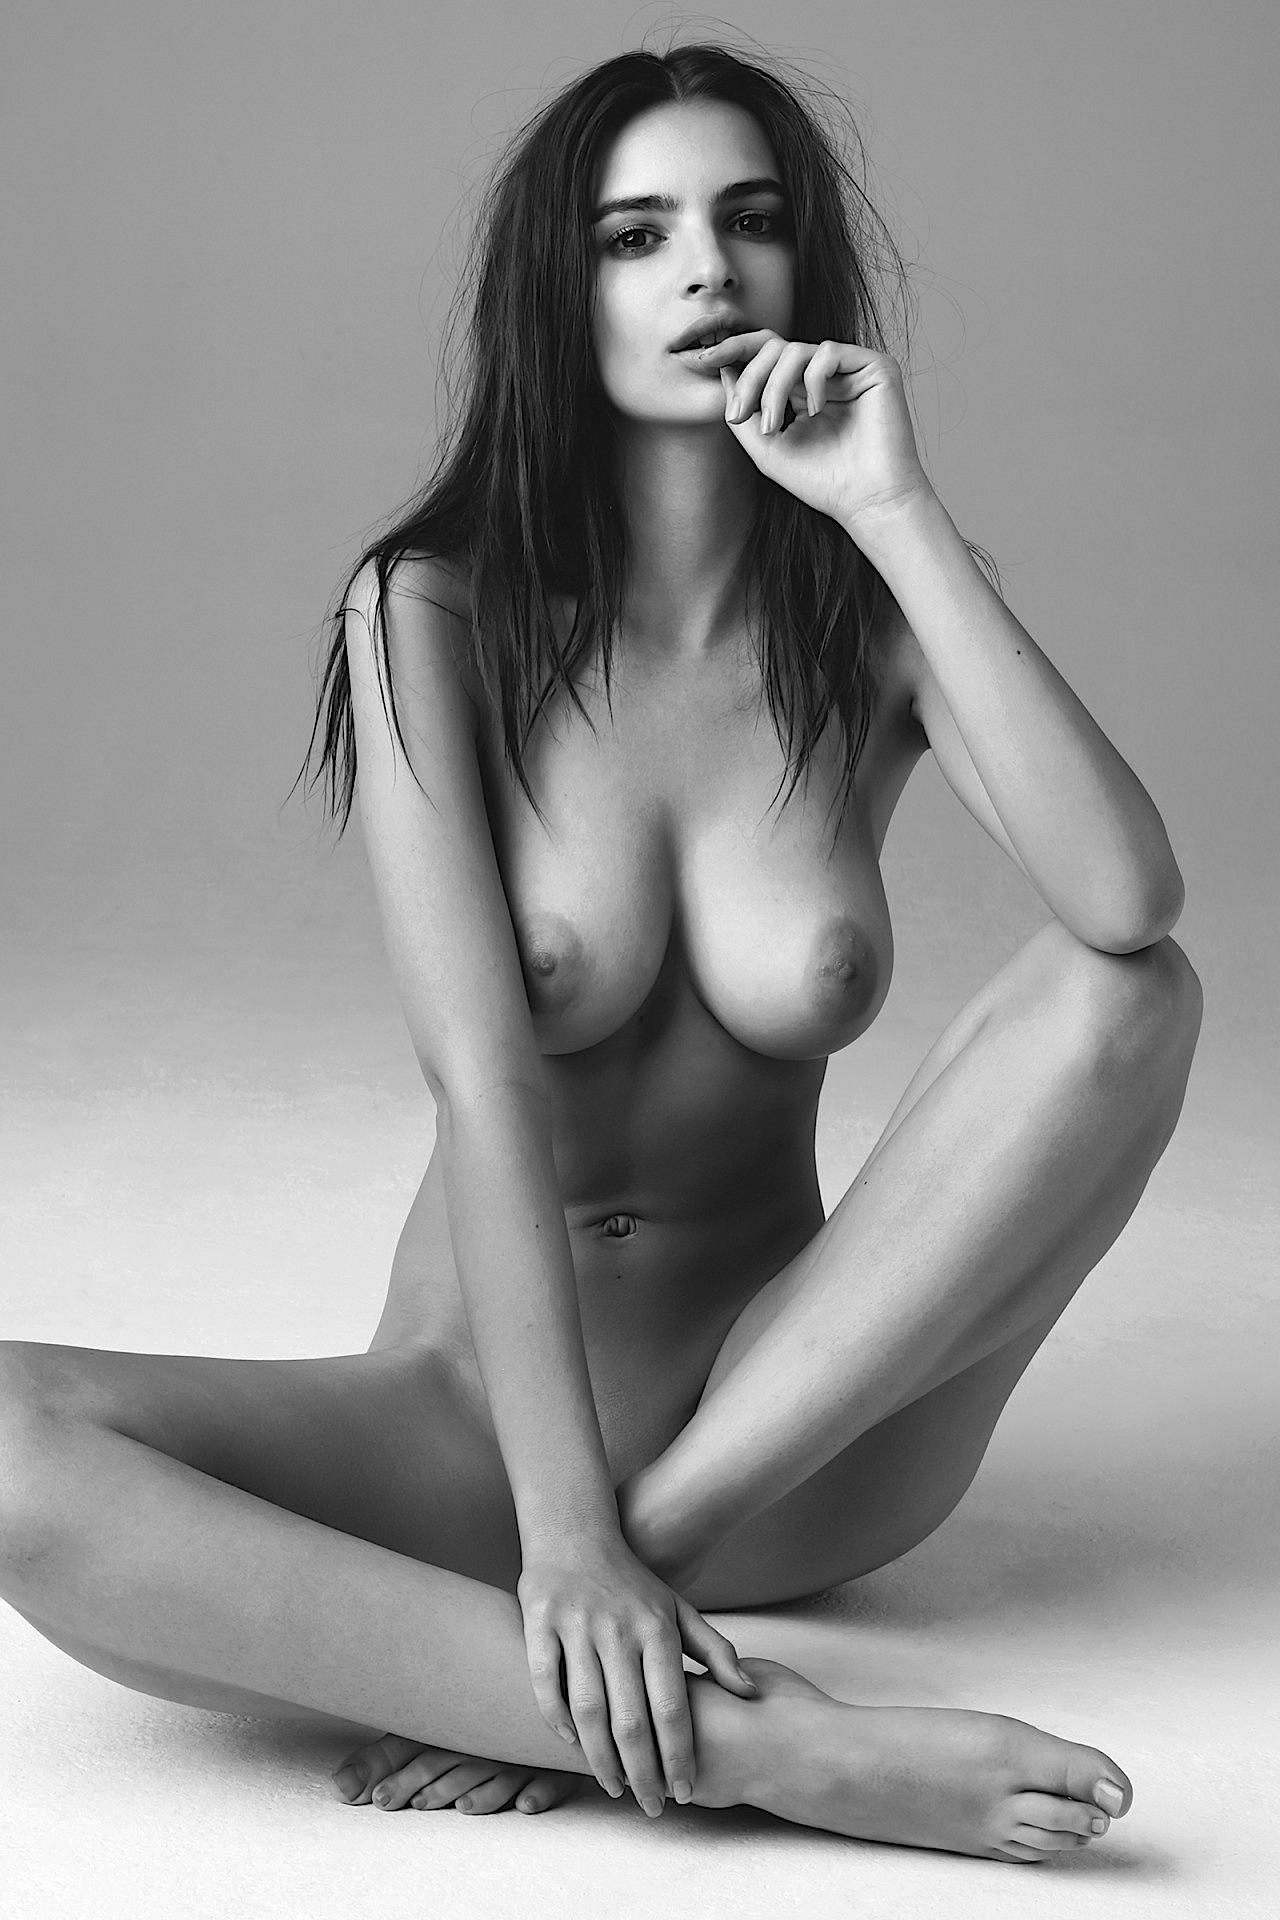 Sexy Emily Ratajkowski Topless | Hello Kisses